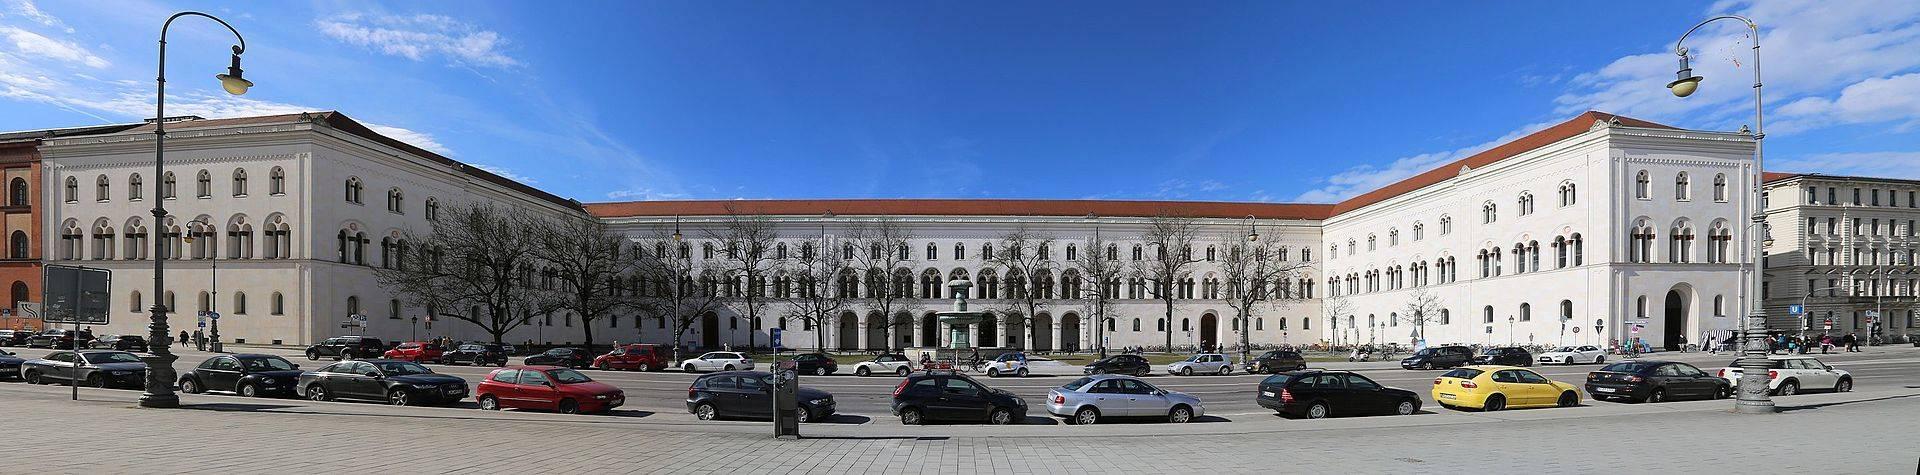 Мюнхенский университет людвига-максимилиана | ludwig-maximilians-universit?t m?nchen (lmu)